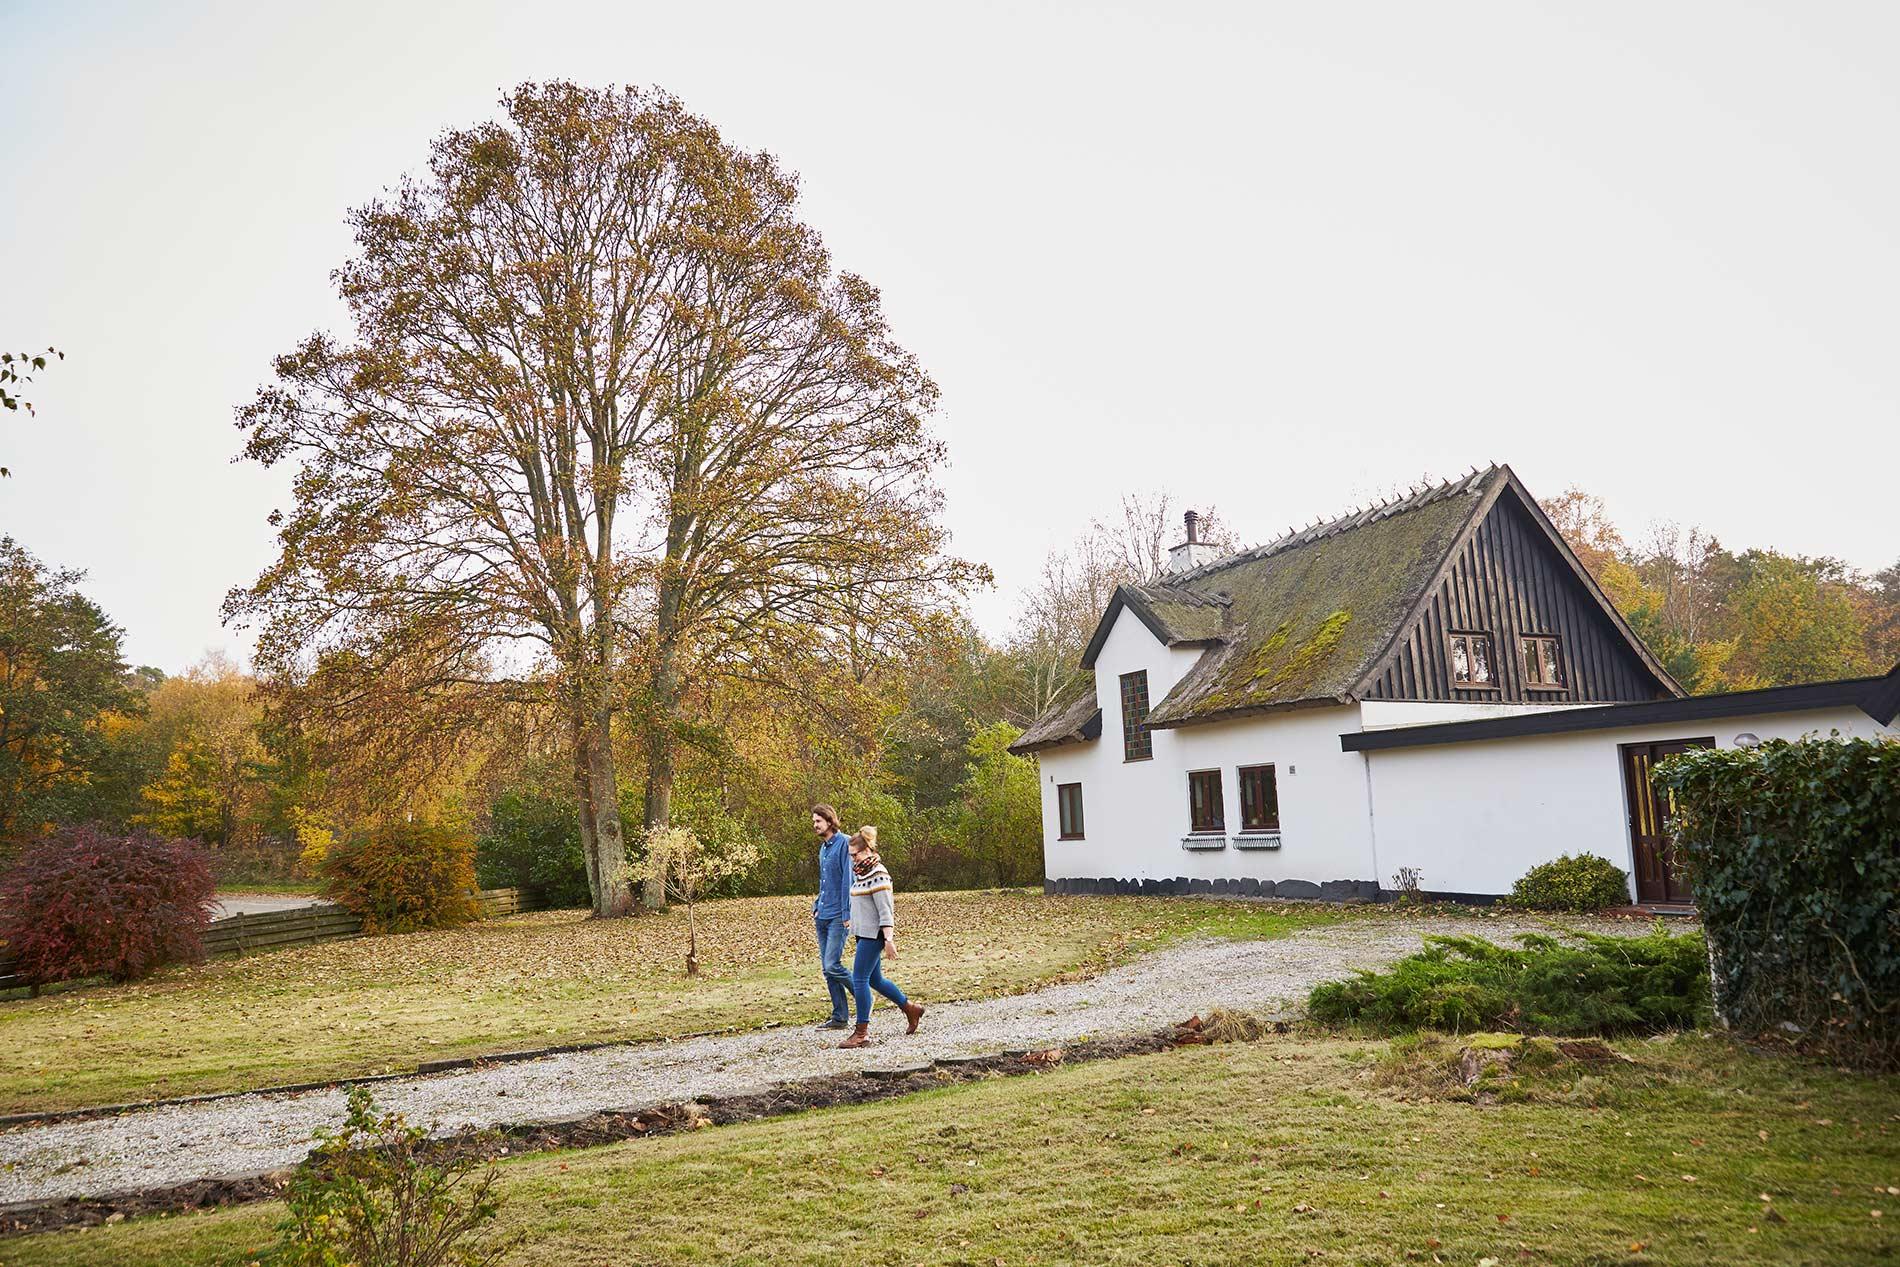 I indkørslen til deres drømmehus i Asserbo, Frederiksværk